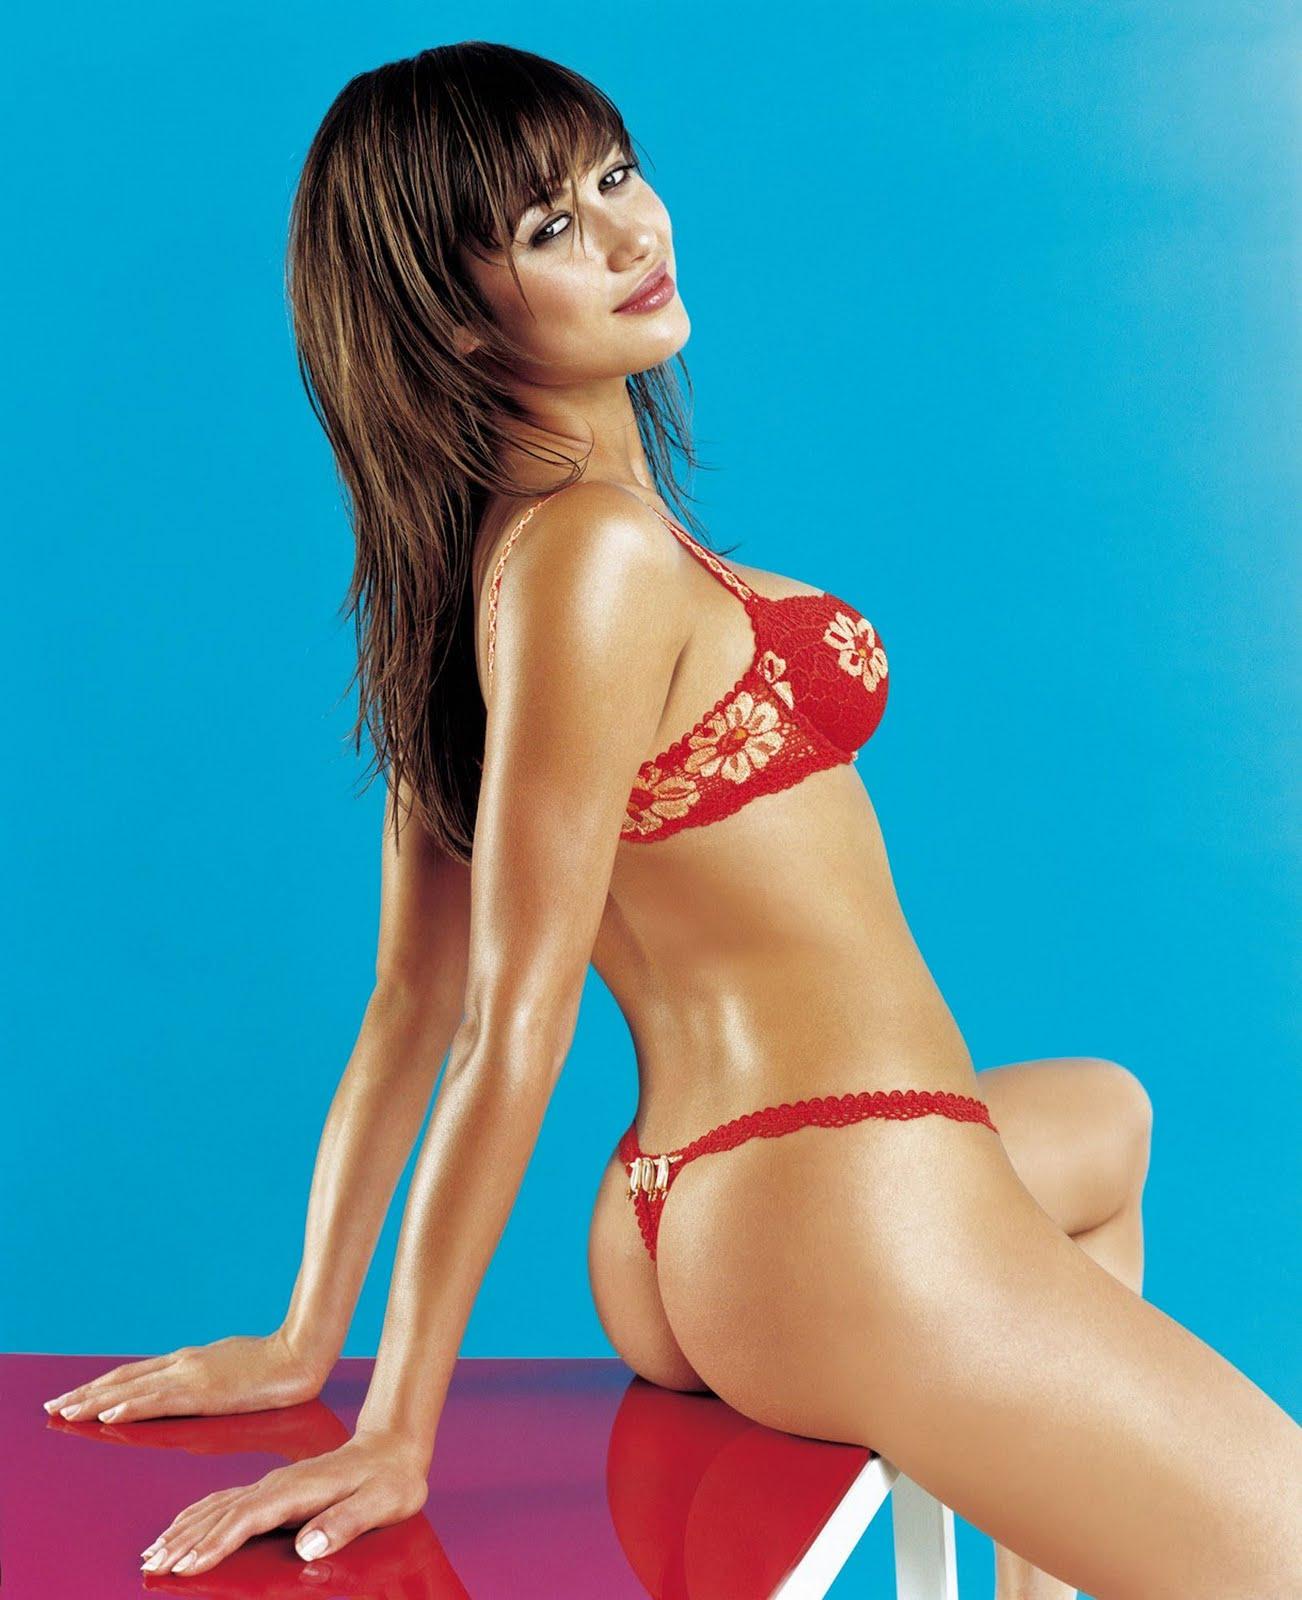 http://3.bp.blogspot.com/_doD9zaUq_u8/TA8WO5QmM7I/AAAAAAAAAOc/n_1ADxTtS8k/s1600/olga-kurylenko-james-bond-underwear-lingerie-midriff-nipple-show-sammy-braddy-boob-naked-nude-carol-alt-kim-kardashian-sex-tape-1.jpg